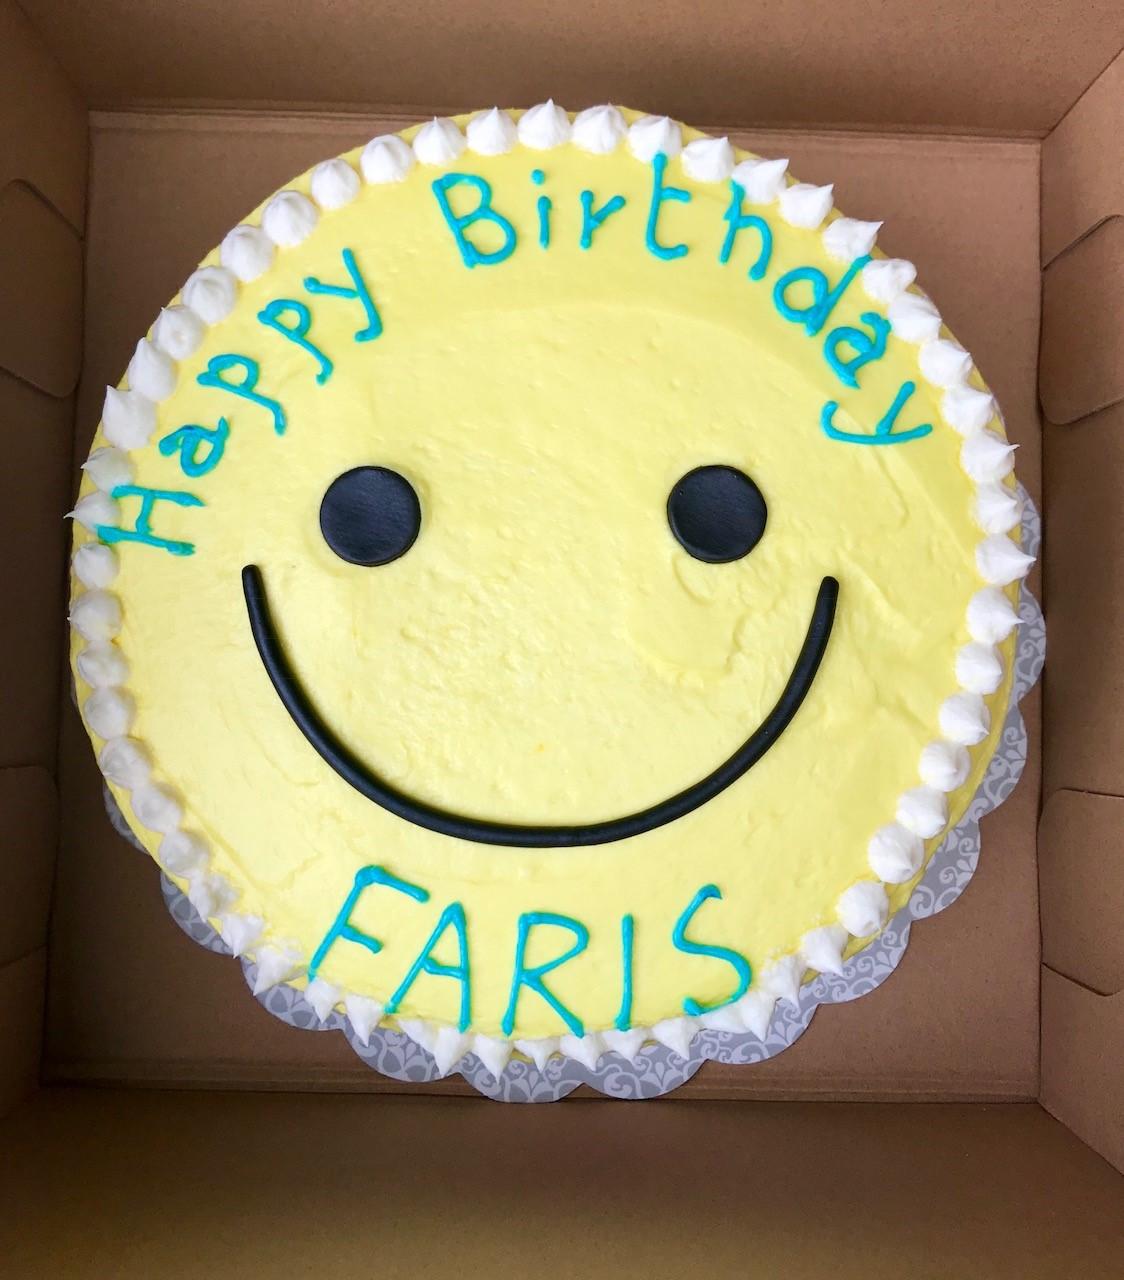 Faris Happy Face Cake.jpg